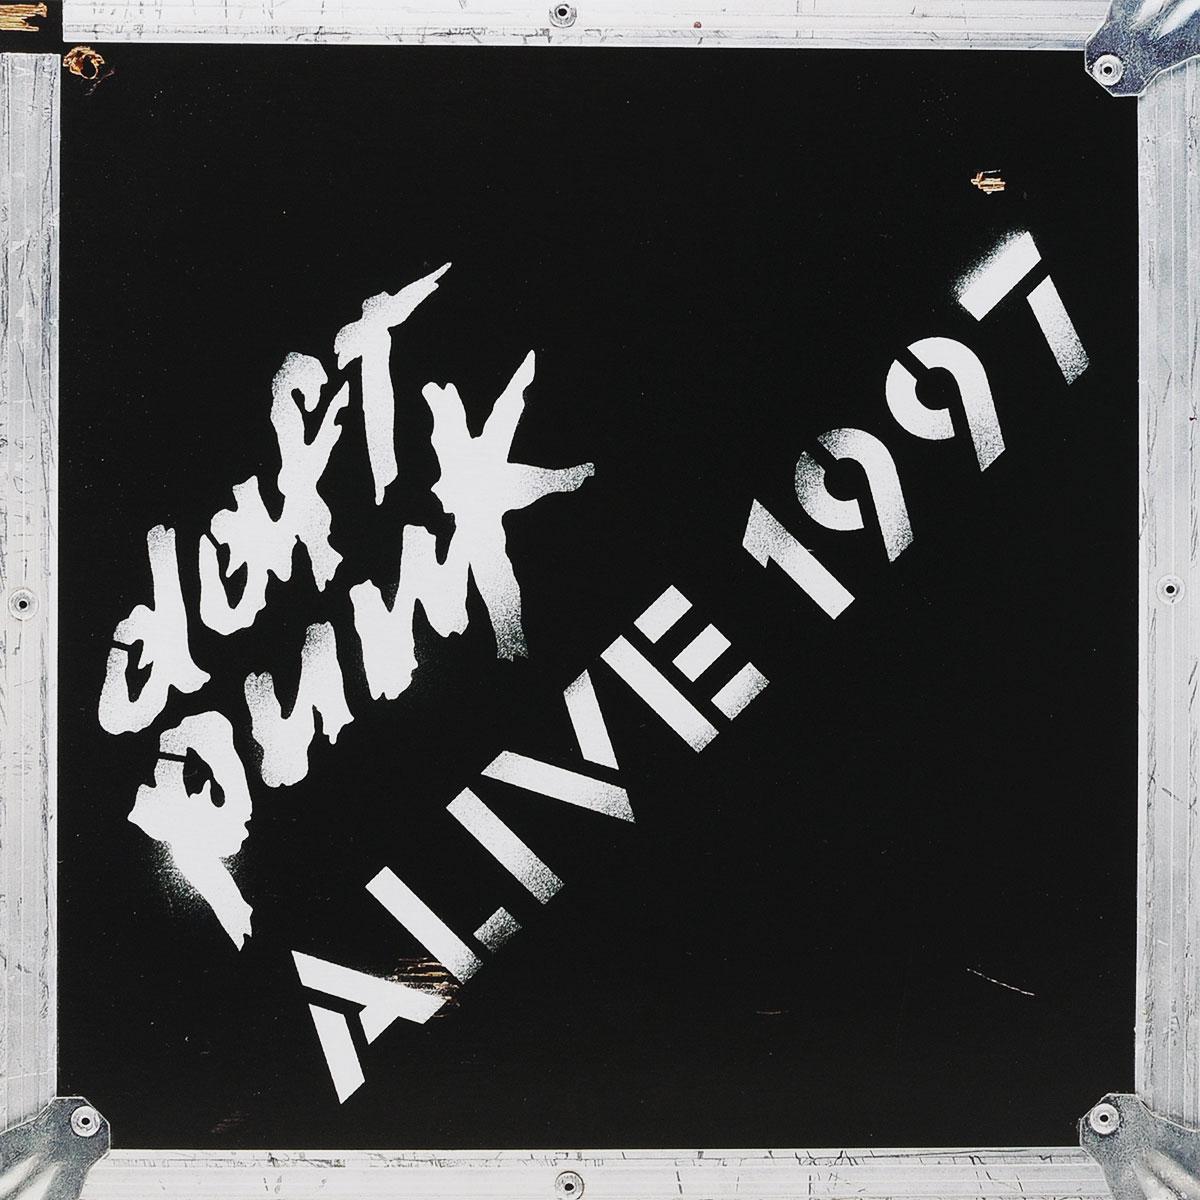 Издание содержит вкладку с наклейками с символикой группы.